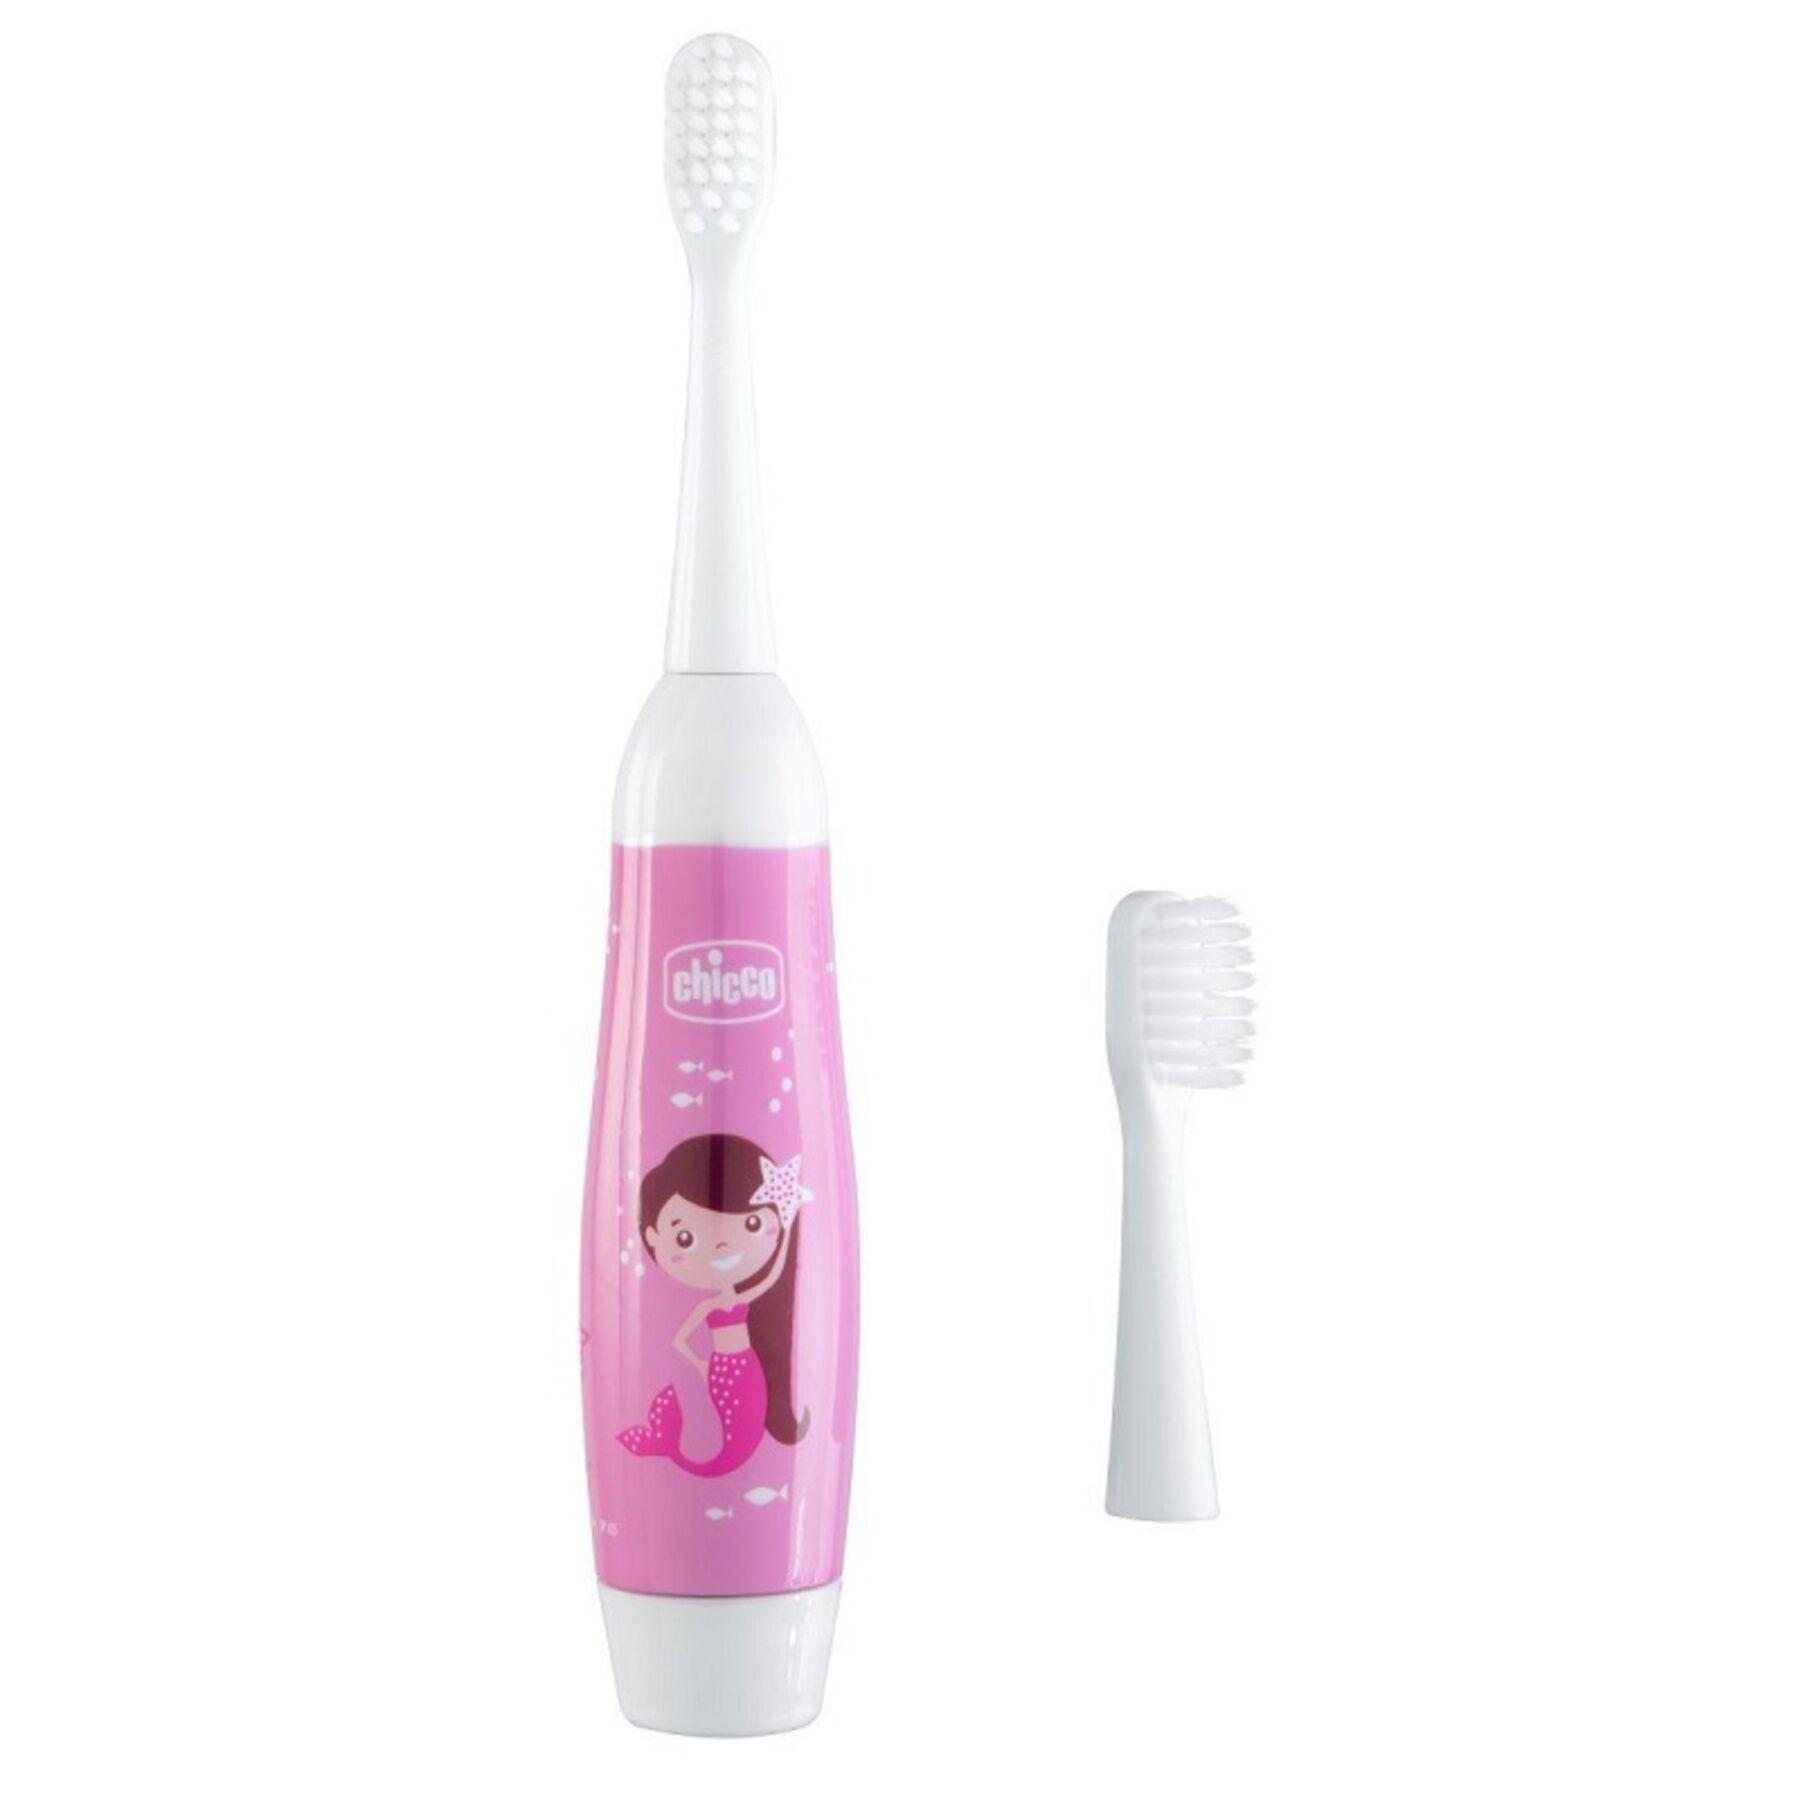 Chicco spazzolino elettrico rosa